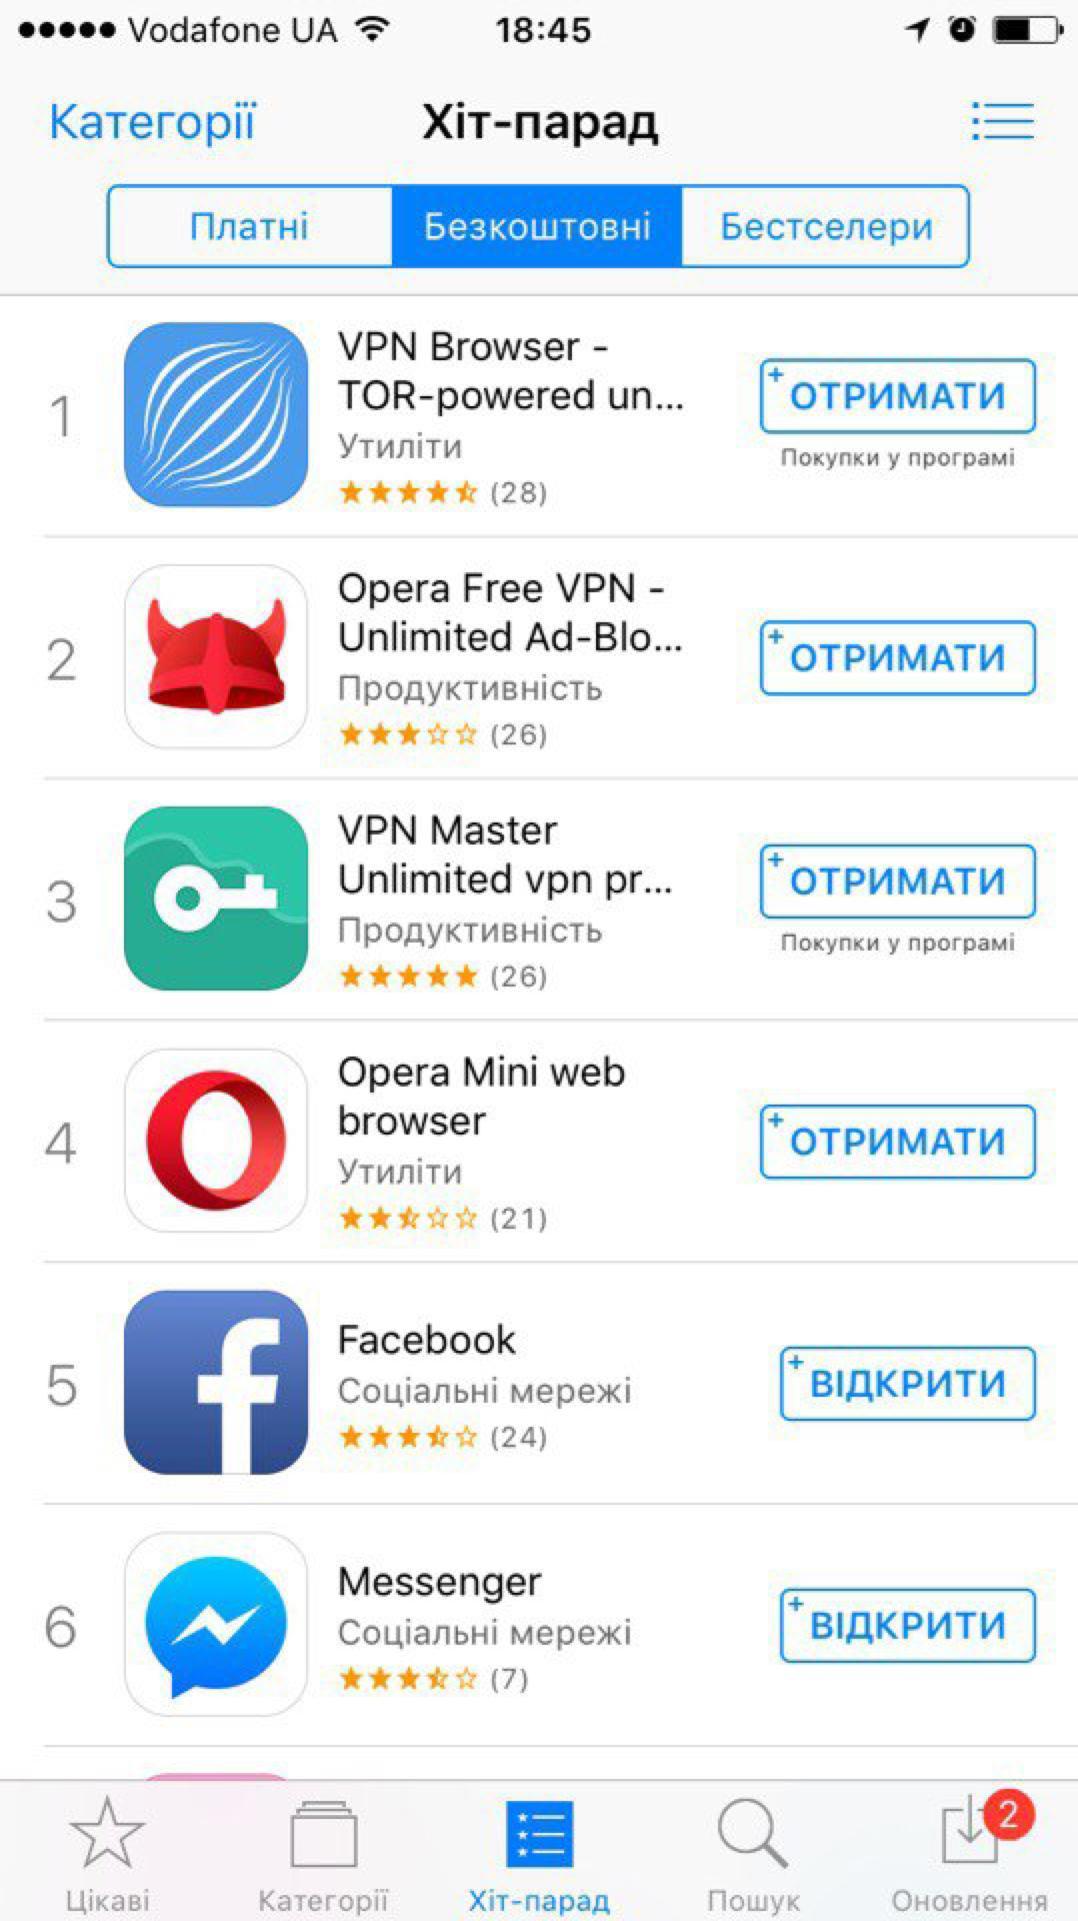 Уральский банк киров в контакте